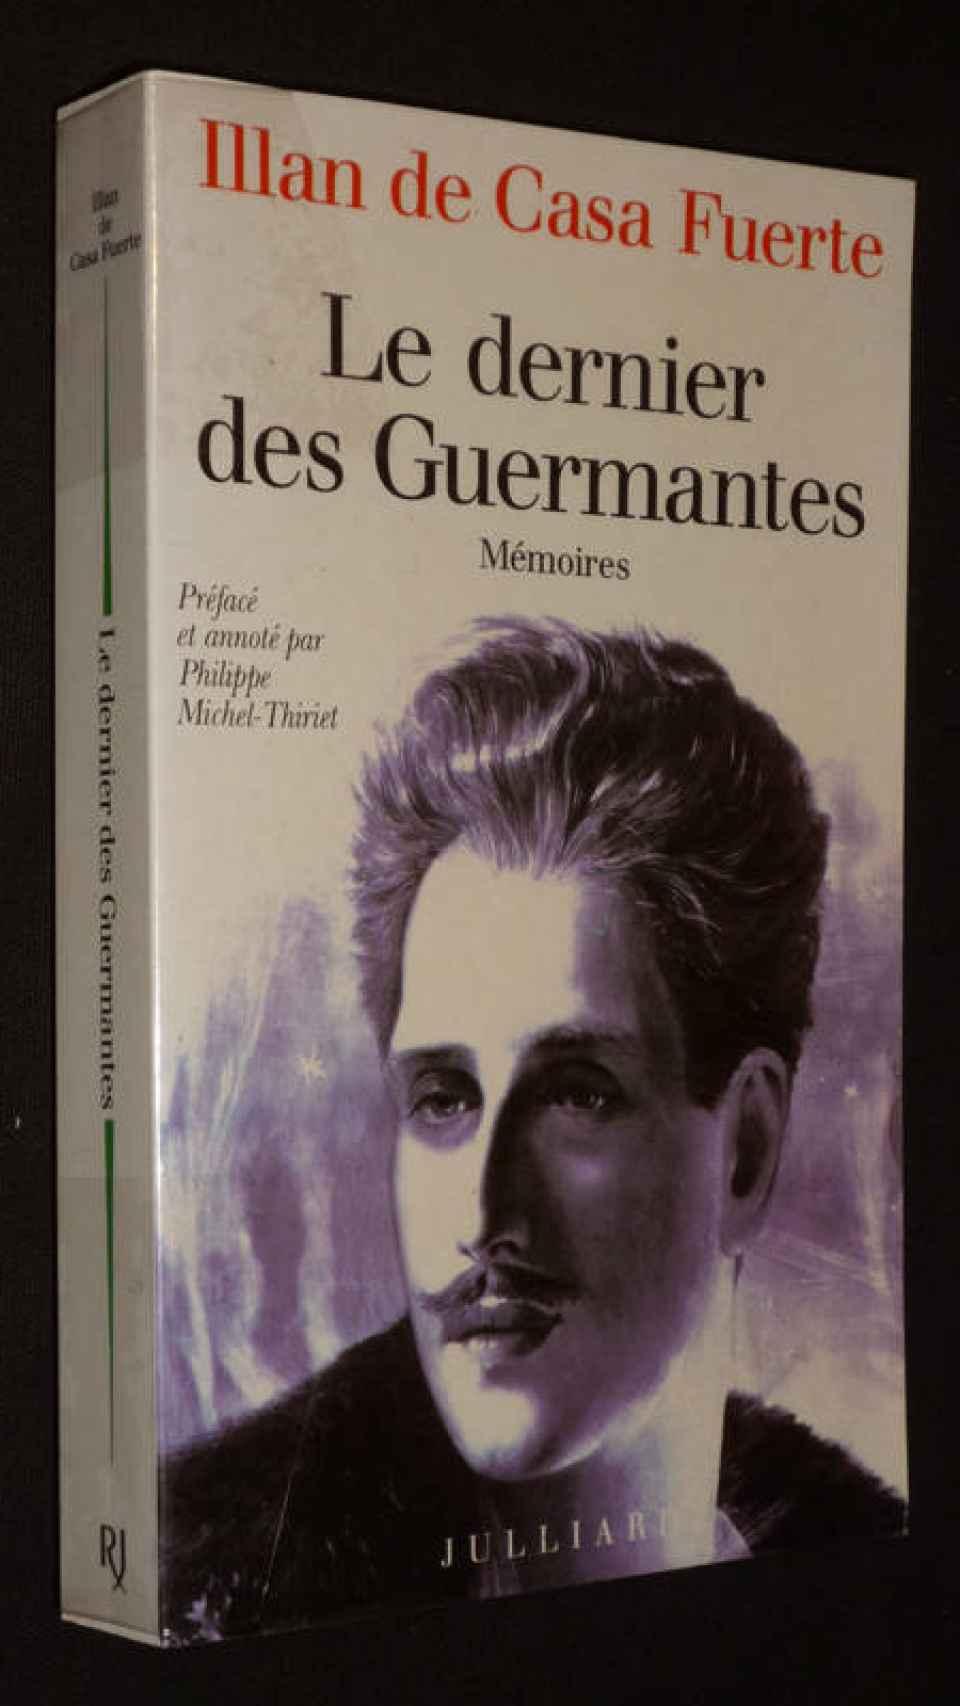 Portada de las memorias del abuelo de Cayetana, publicadas por Juilliard.